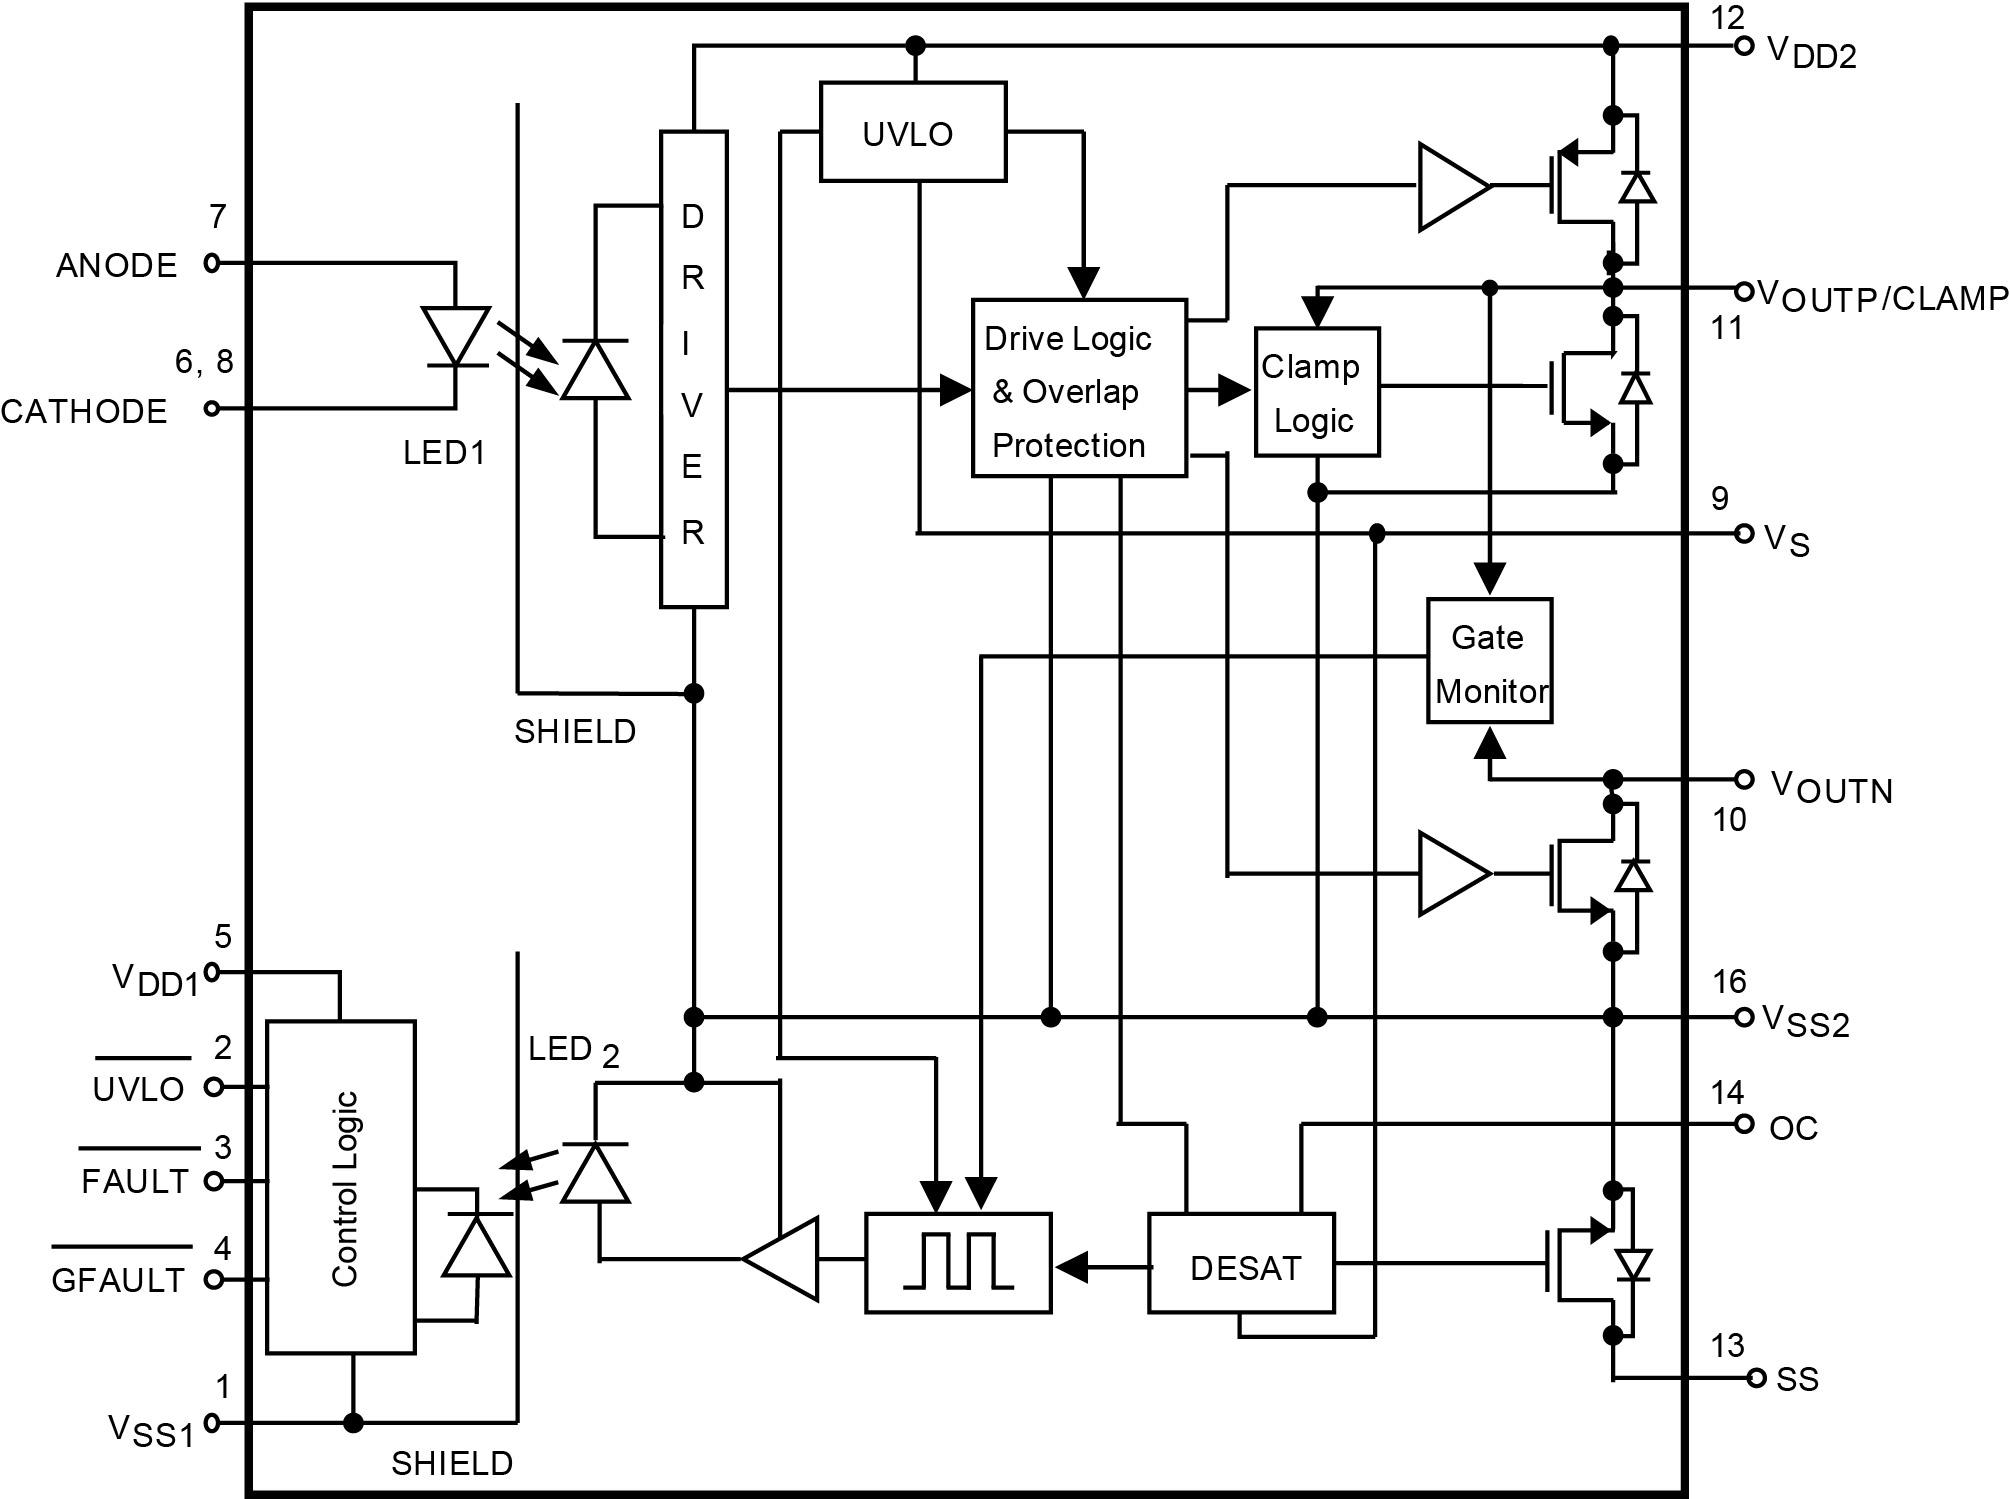 Структурная схема микросхемы ACPL-352J